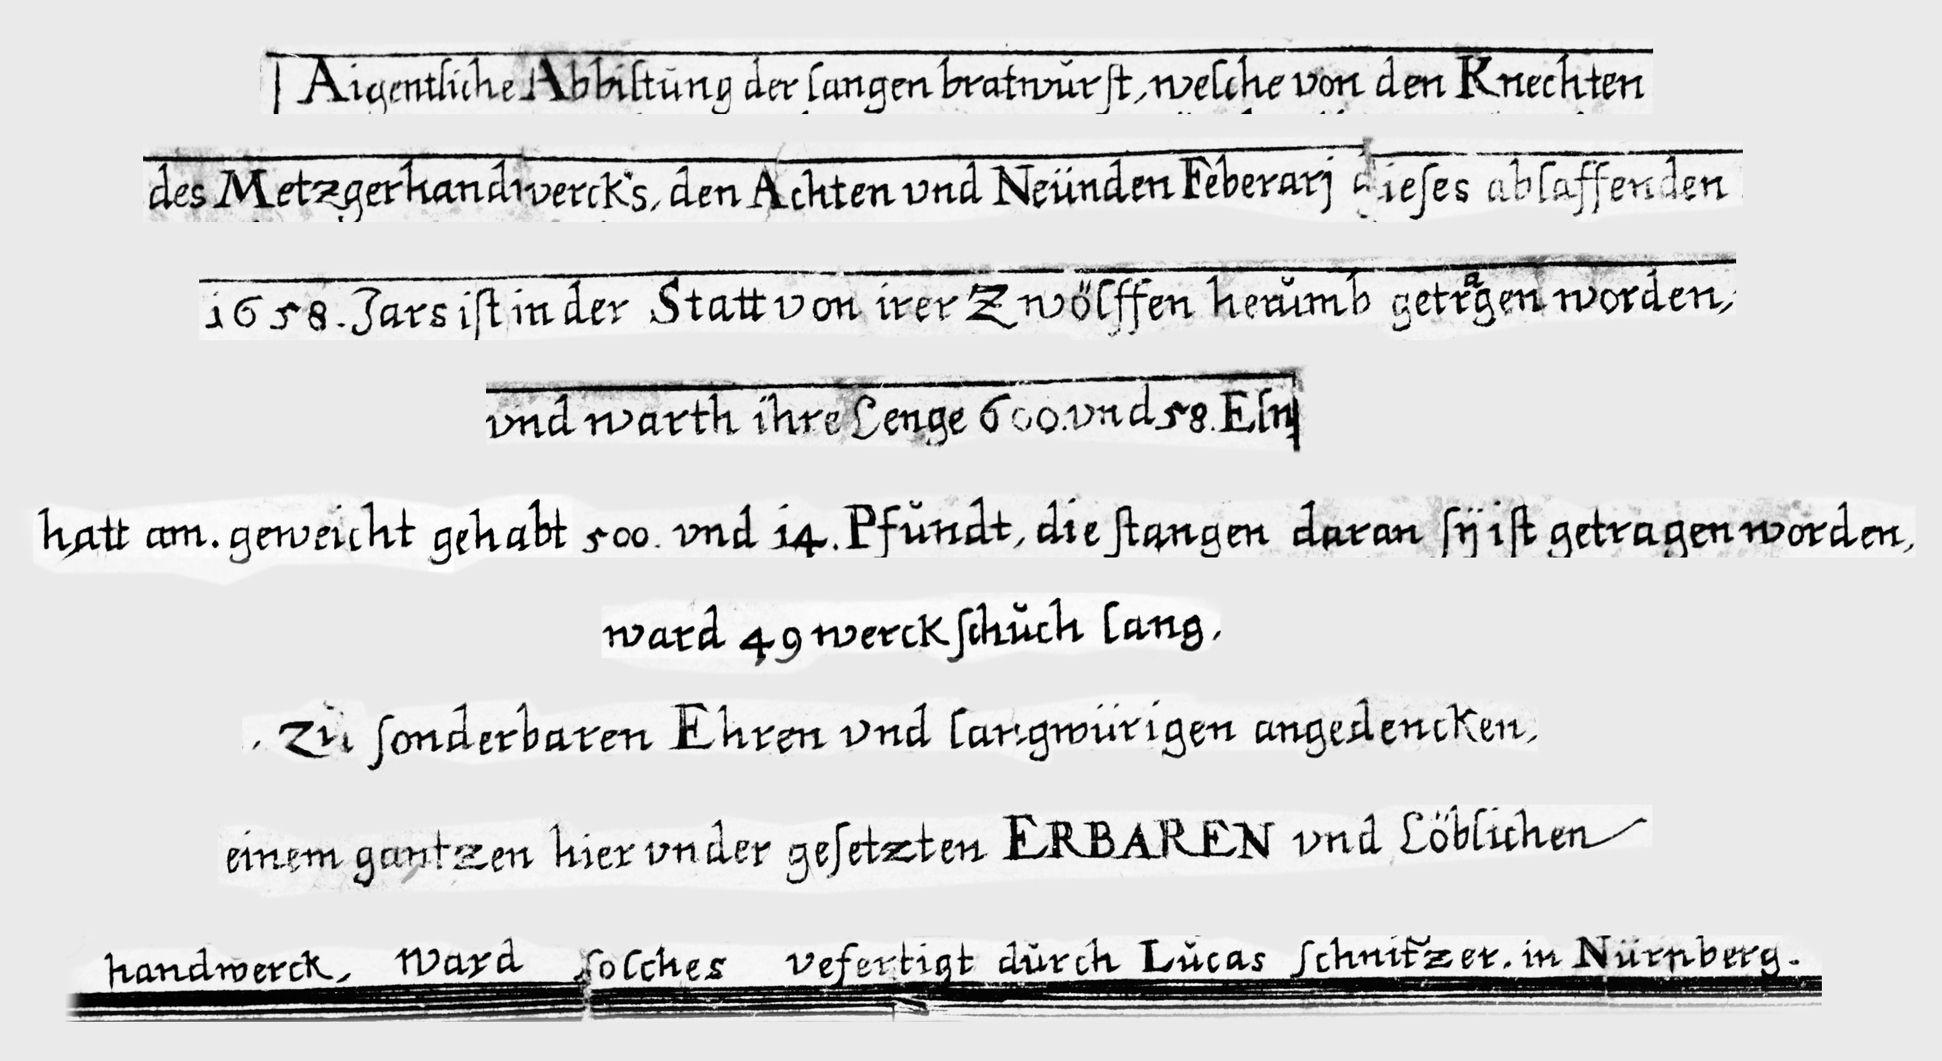 """Nürnberger Bratwurst: """"Aigentliche Abbiltung der langen bratwurst,...."""" Bildüberschrift (zusammengesetzt)"""